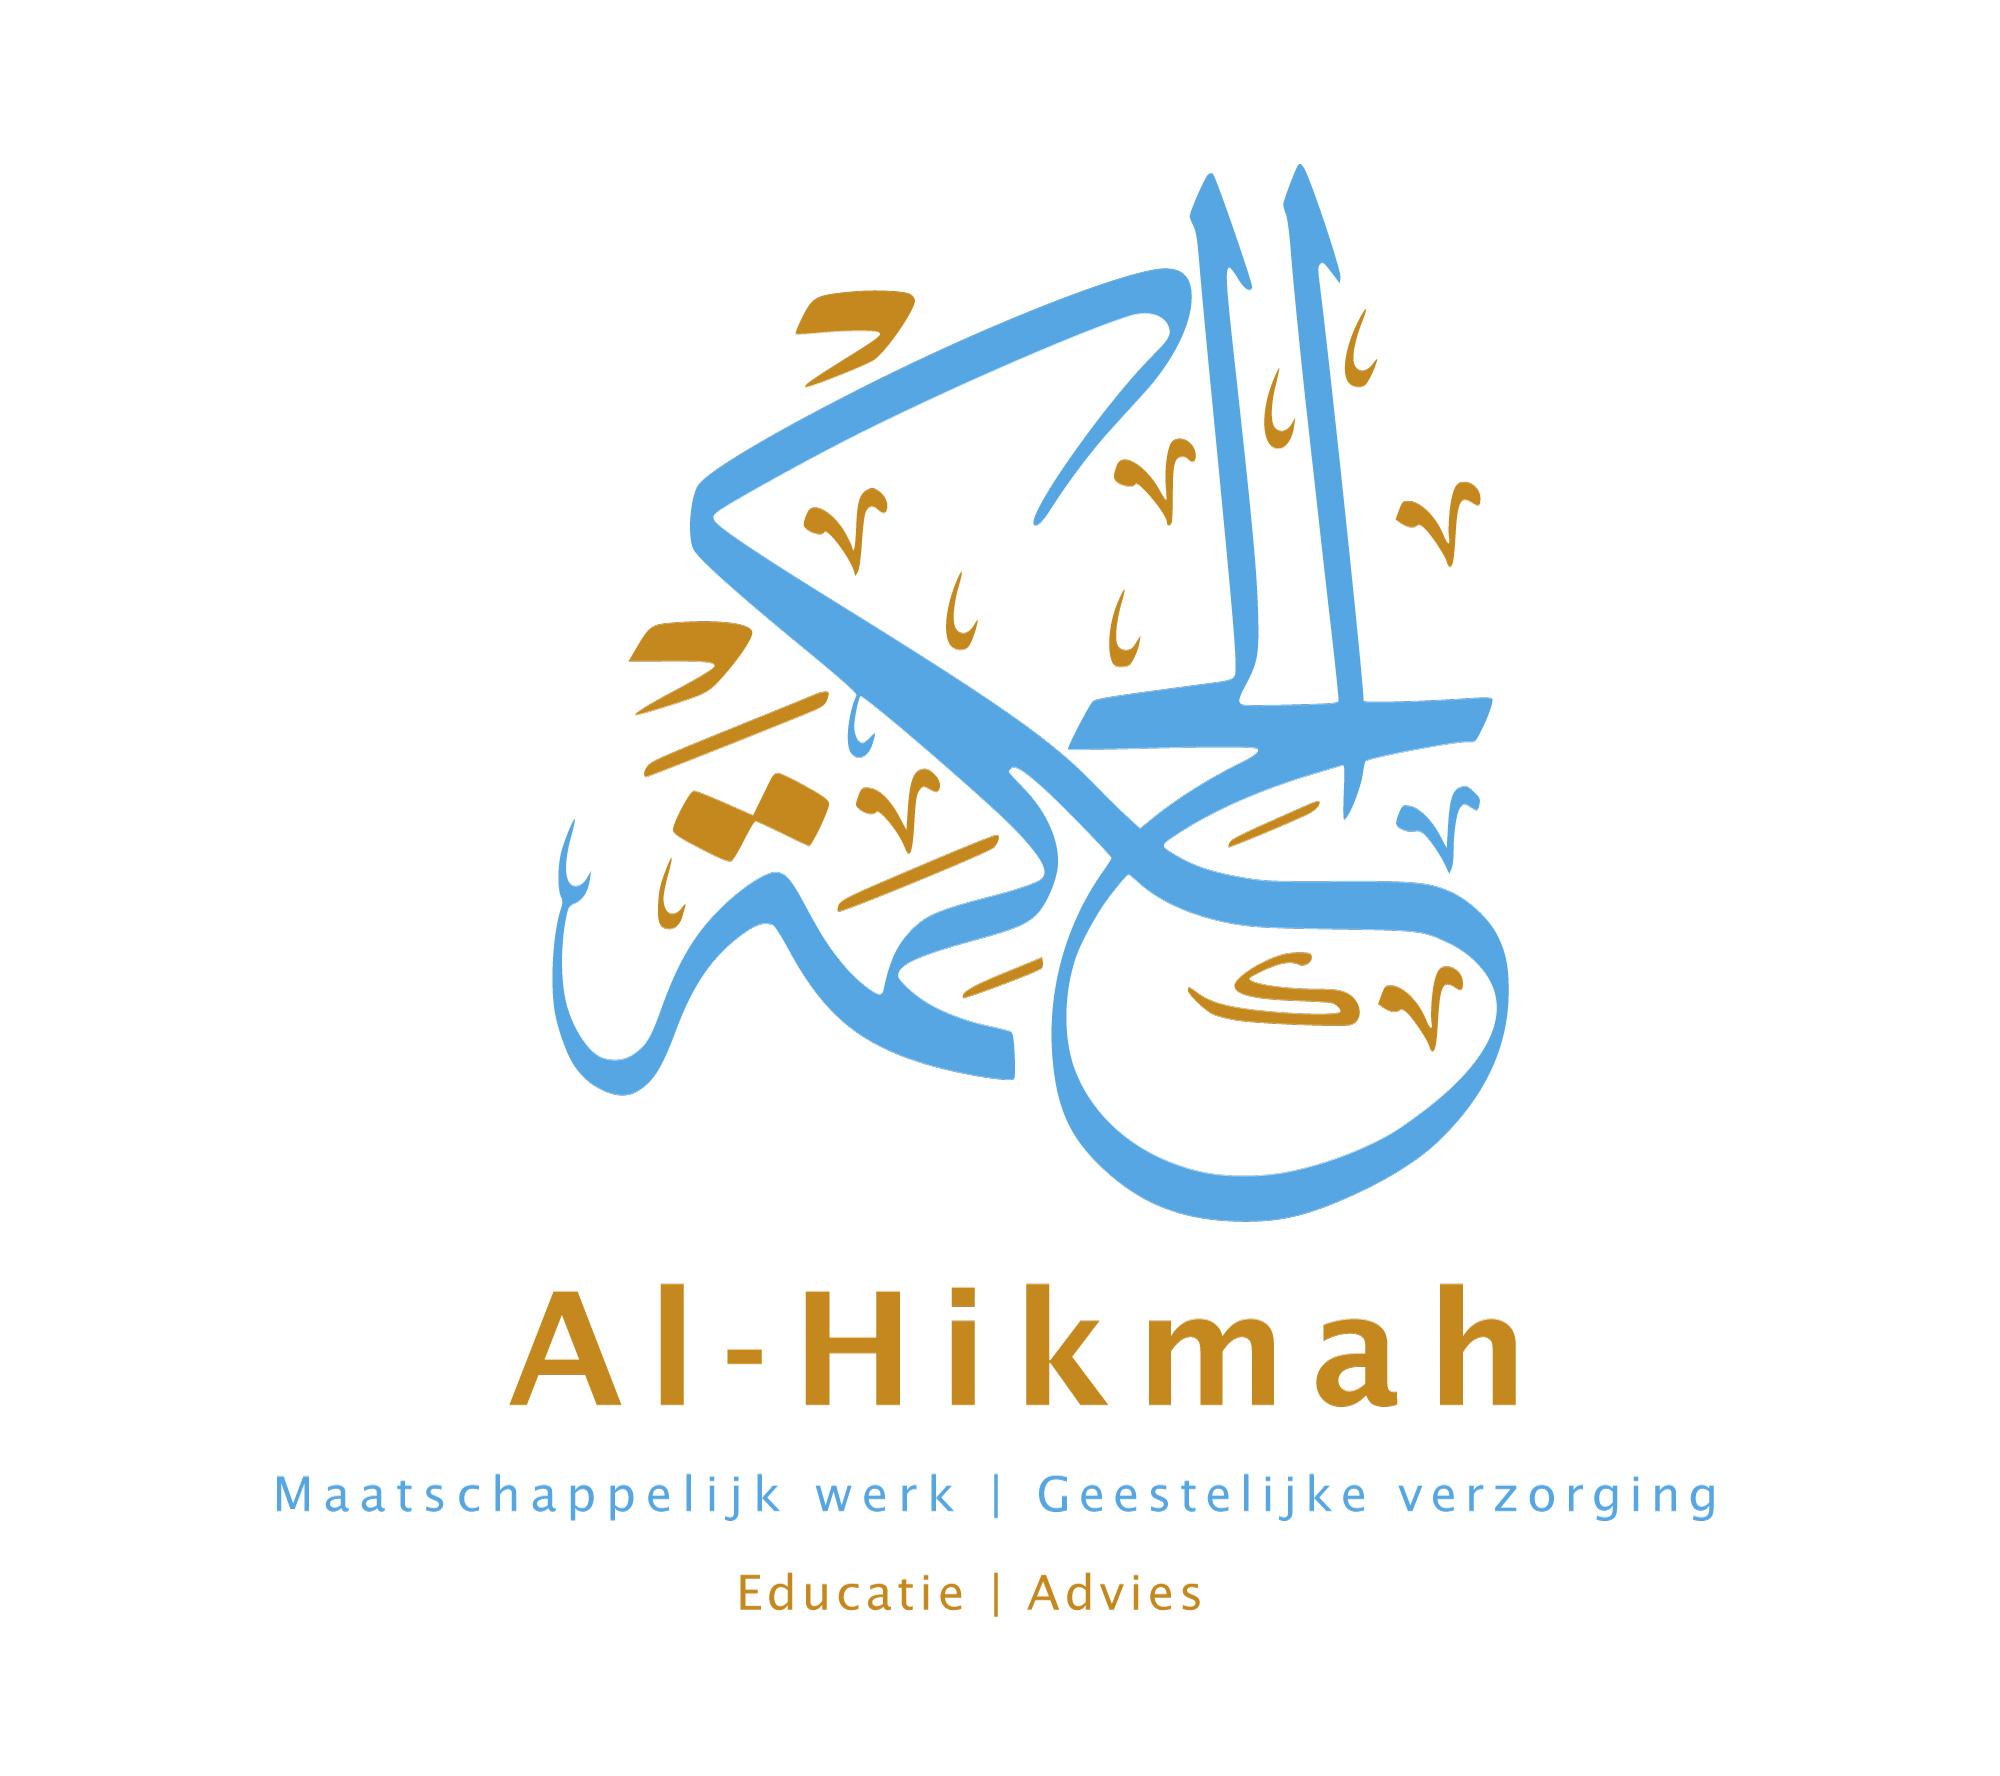 Al-Hikmah